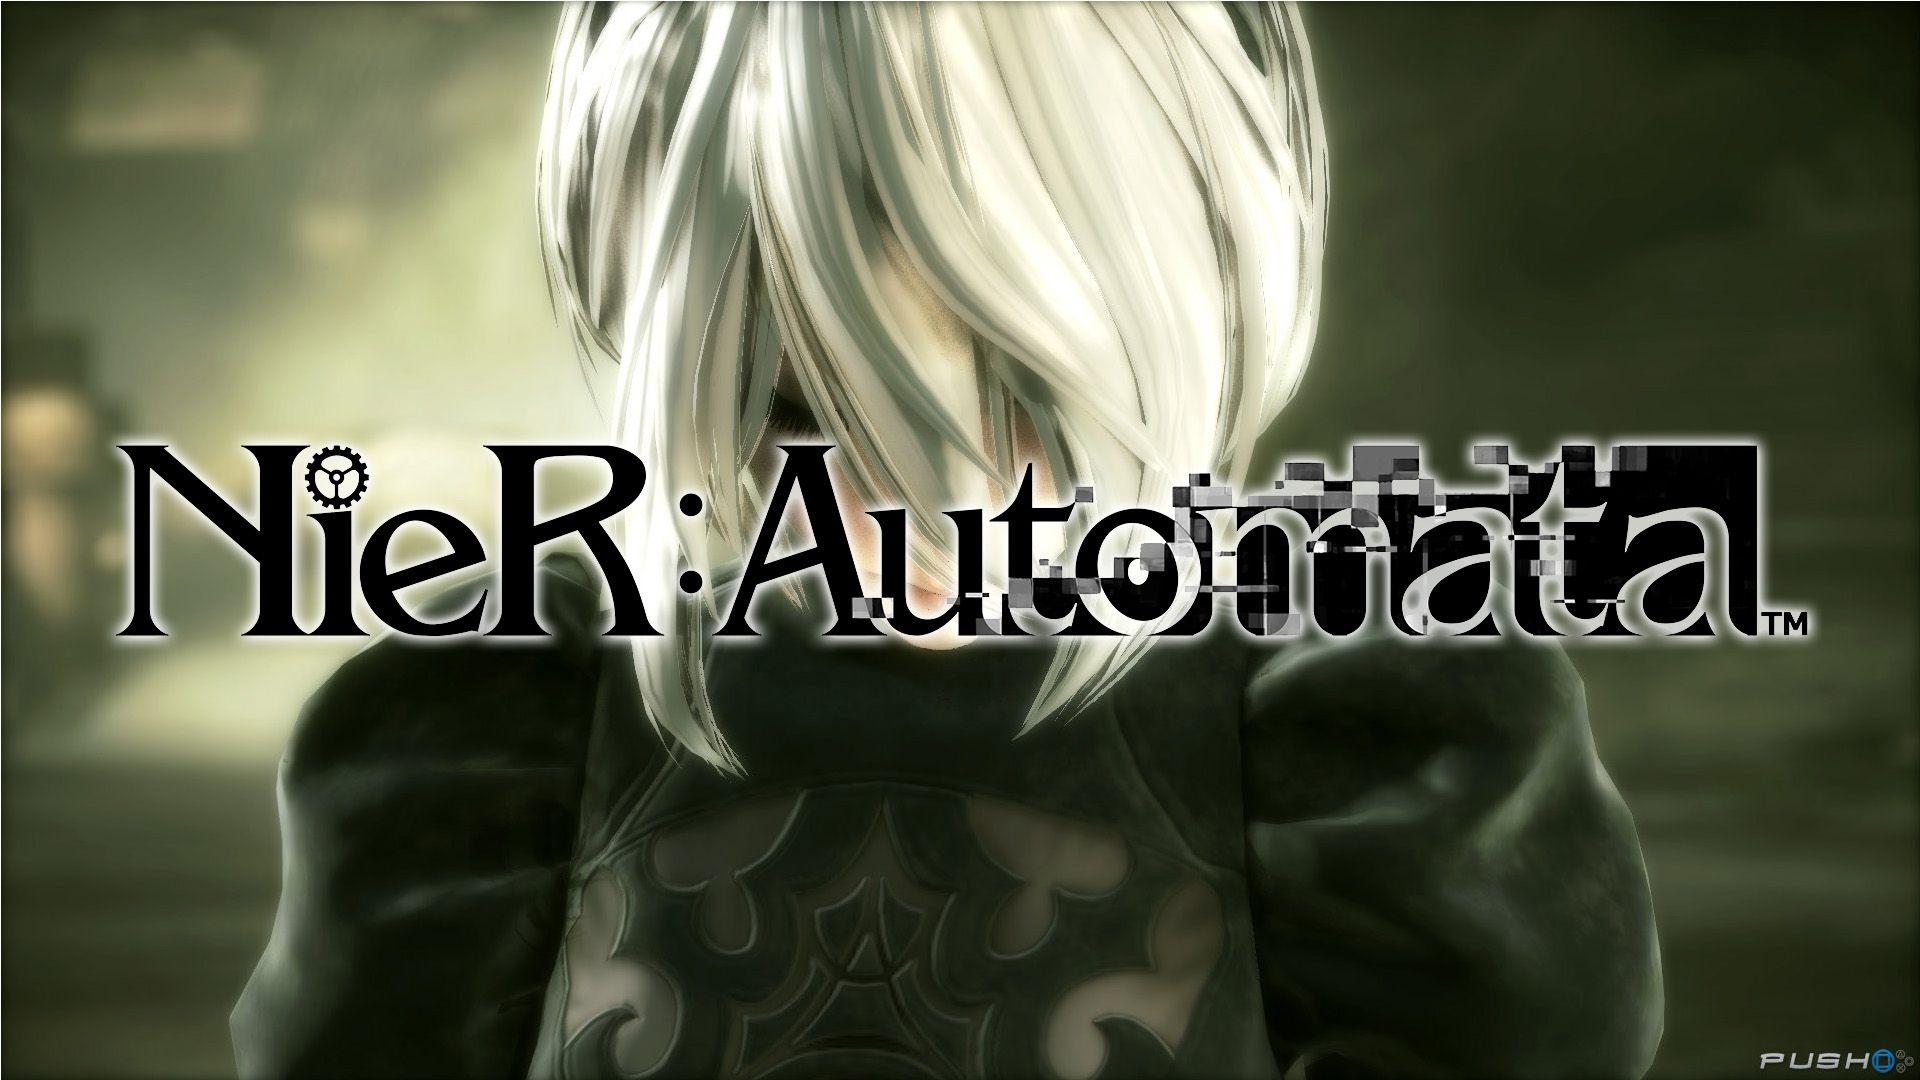 Comparativa de Nier: Automata entre las versiones de PlayStation 4 y PlayStation 4 Pro